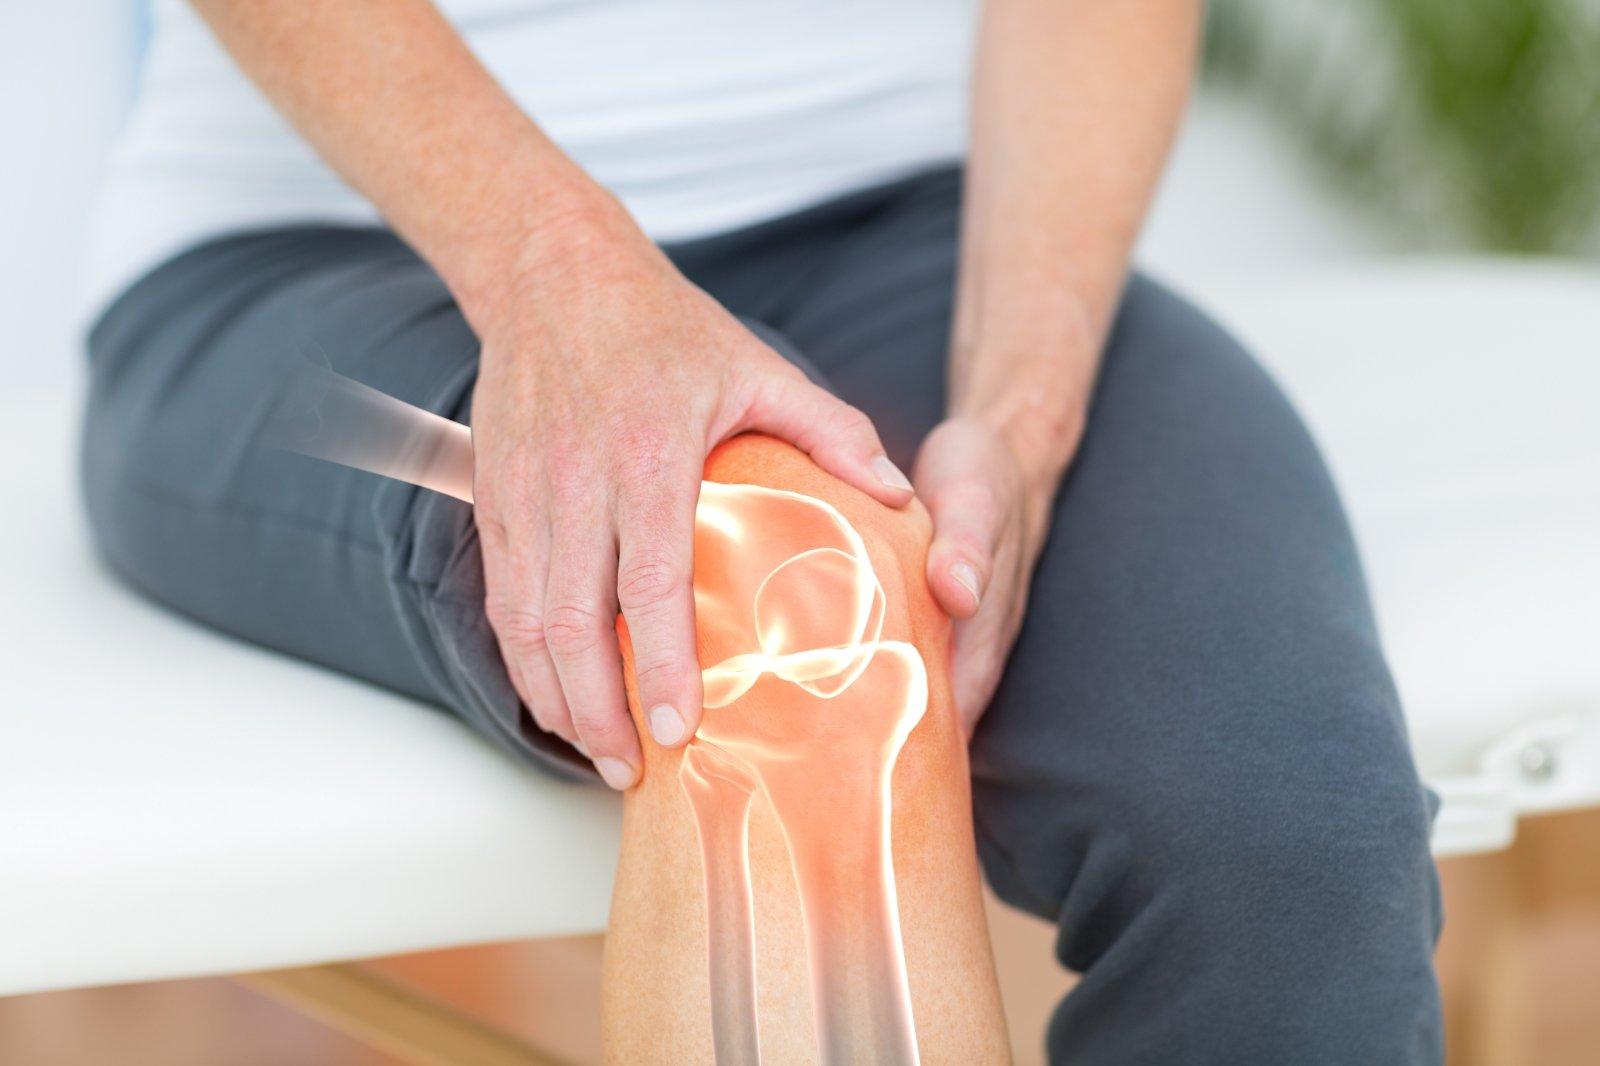 skauda visus apatinius sąnarius skausmas sąnarių ir raumenų diabetu